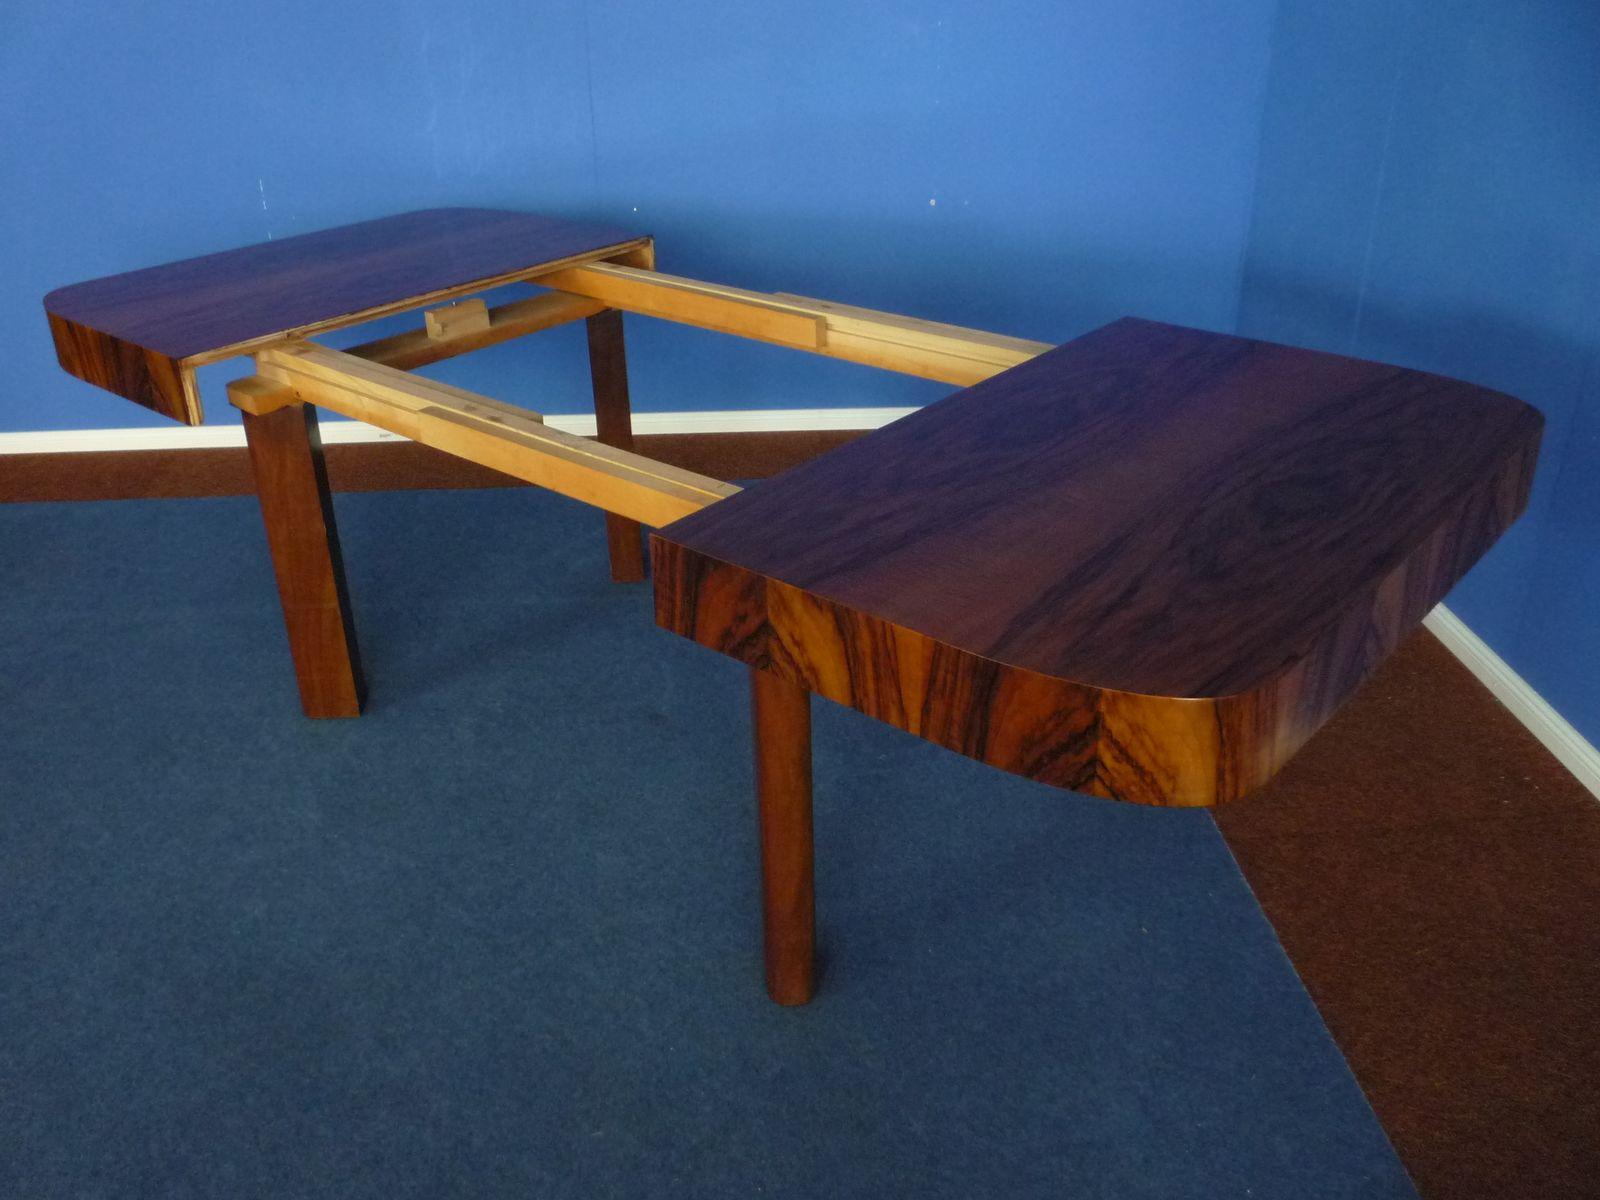 Table de salle manger rallonge art d co en noyer for 3 suisses table de salle a manger